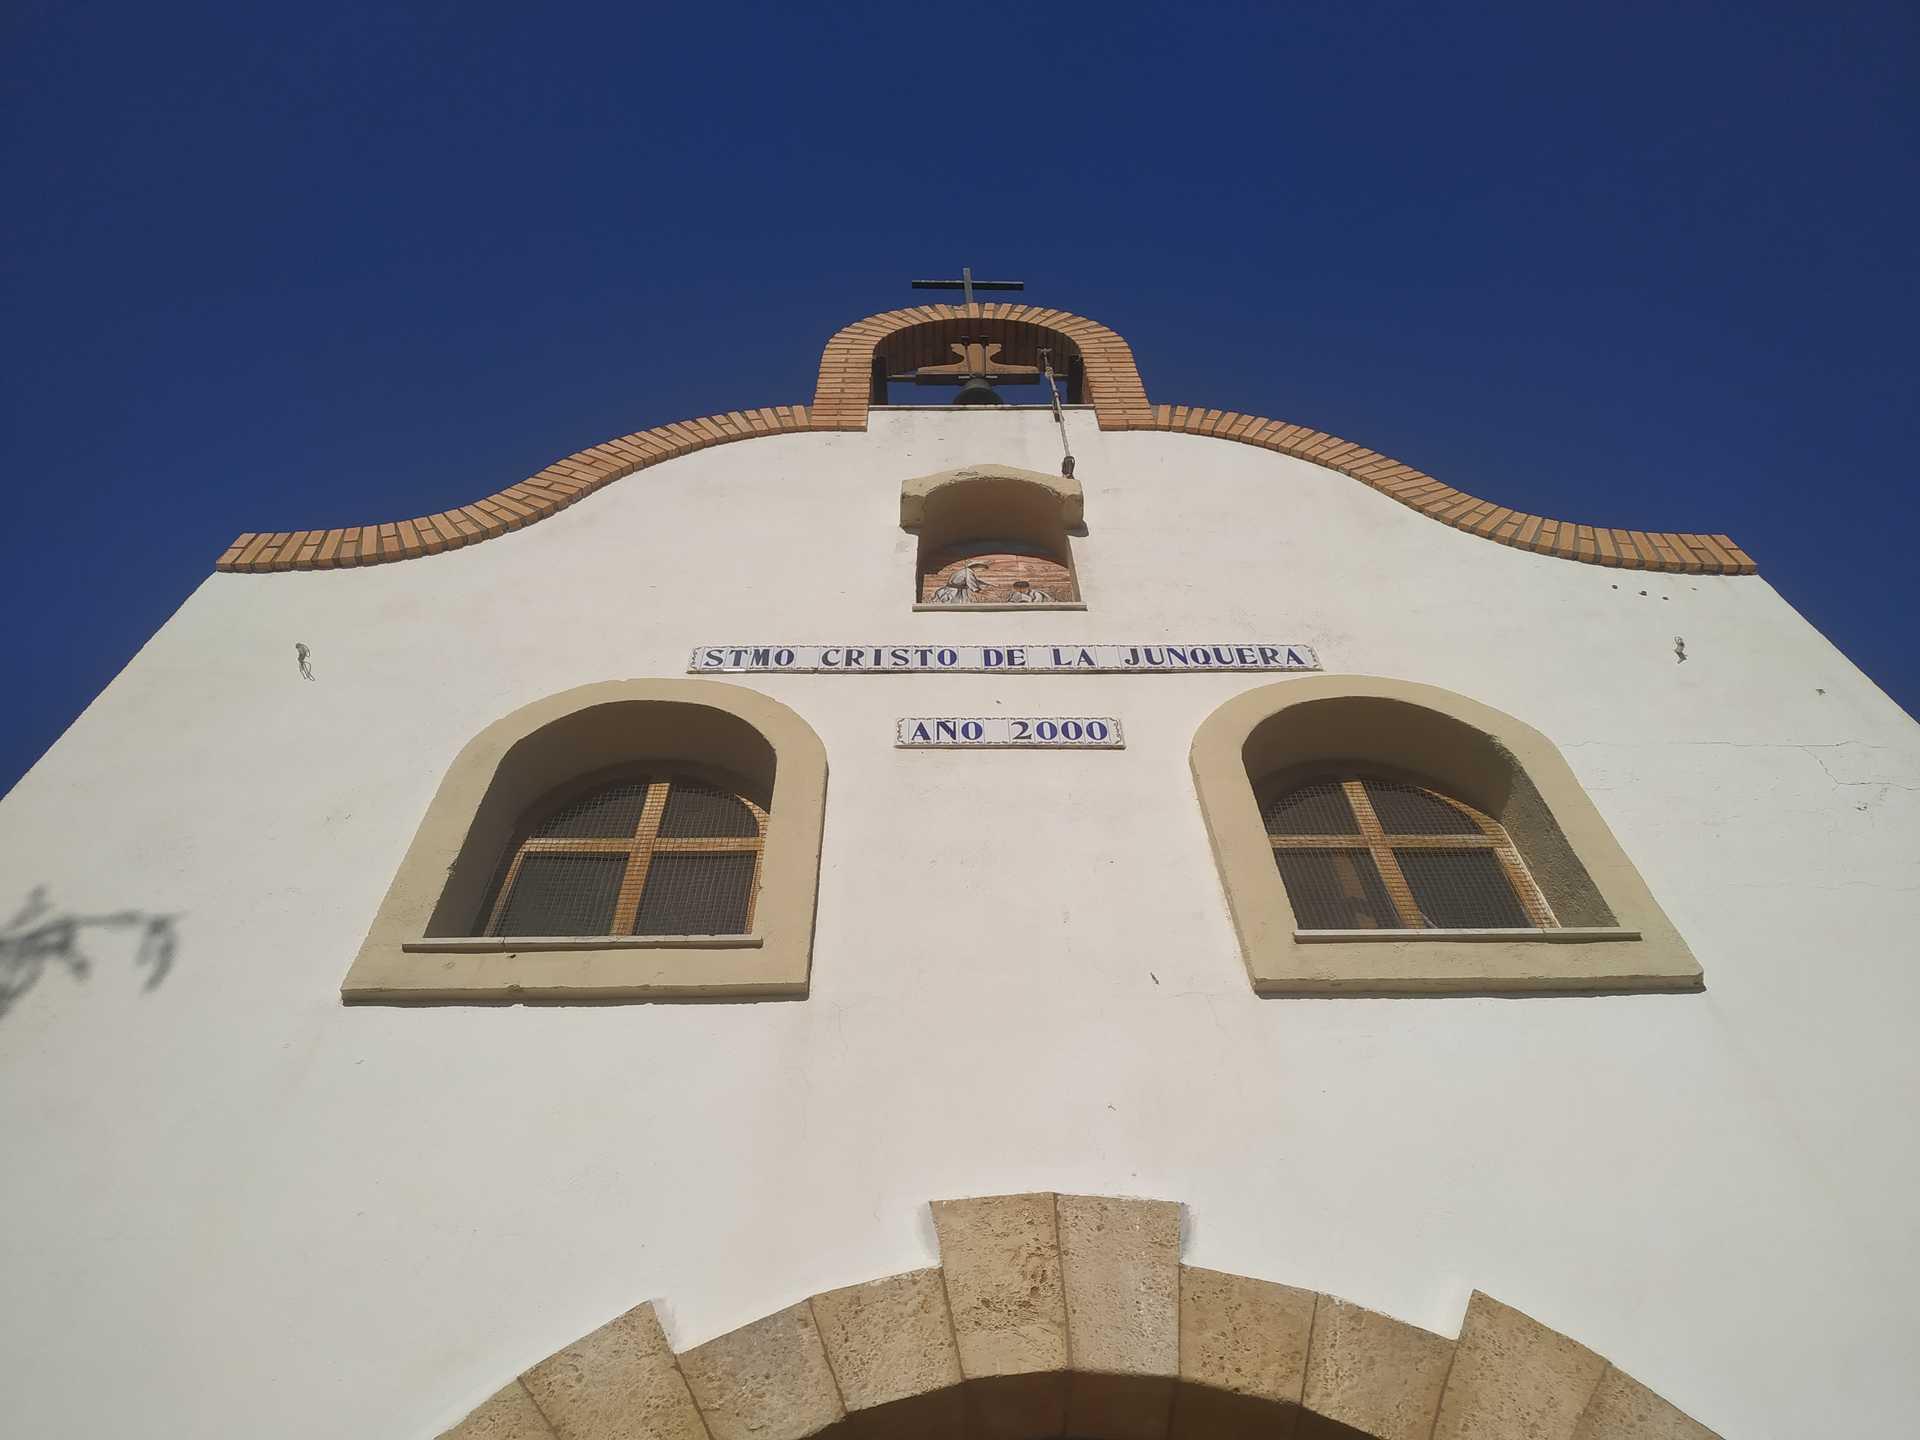 ERMITA CRIST DE LA JONQUERA